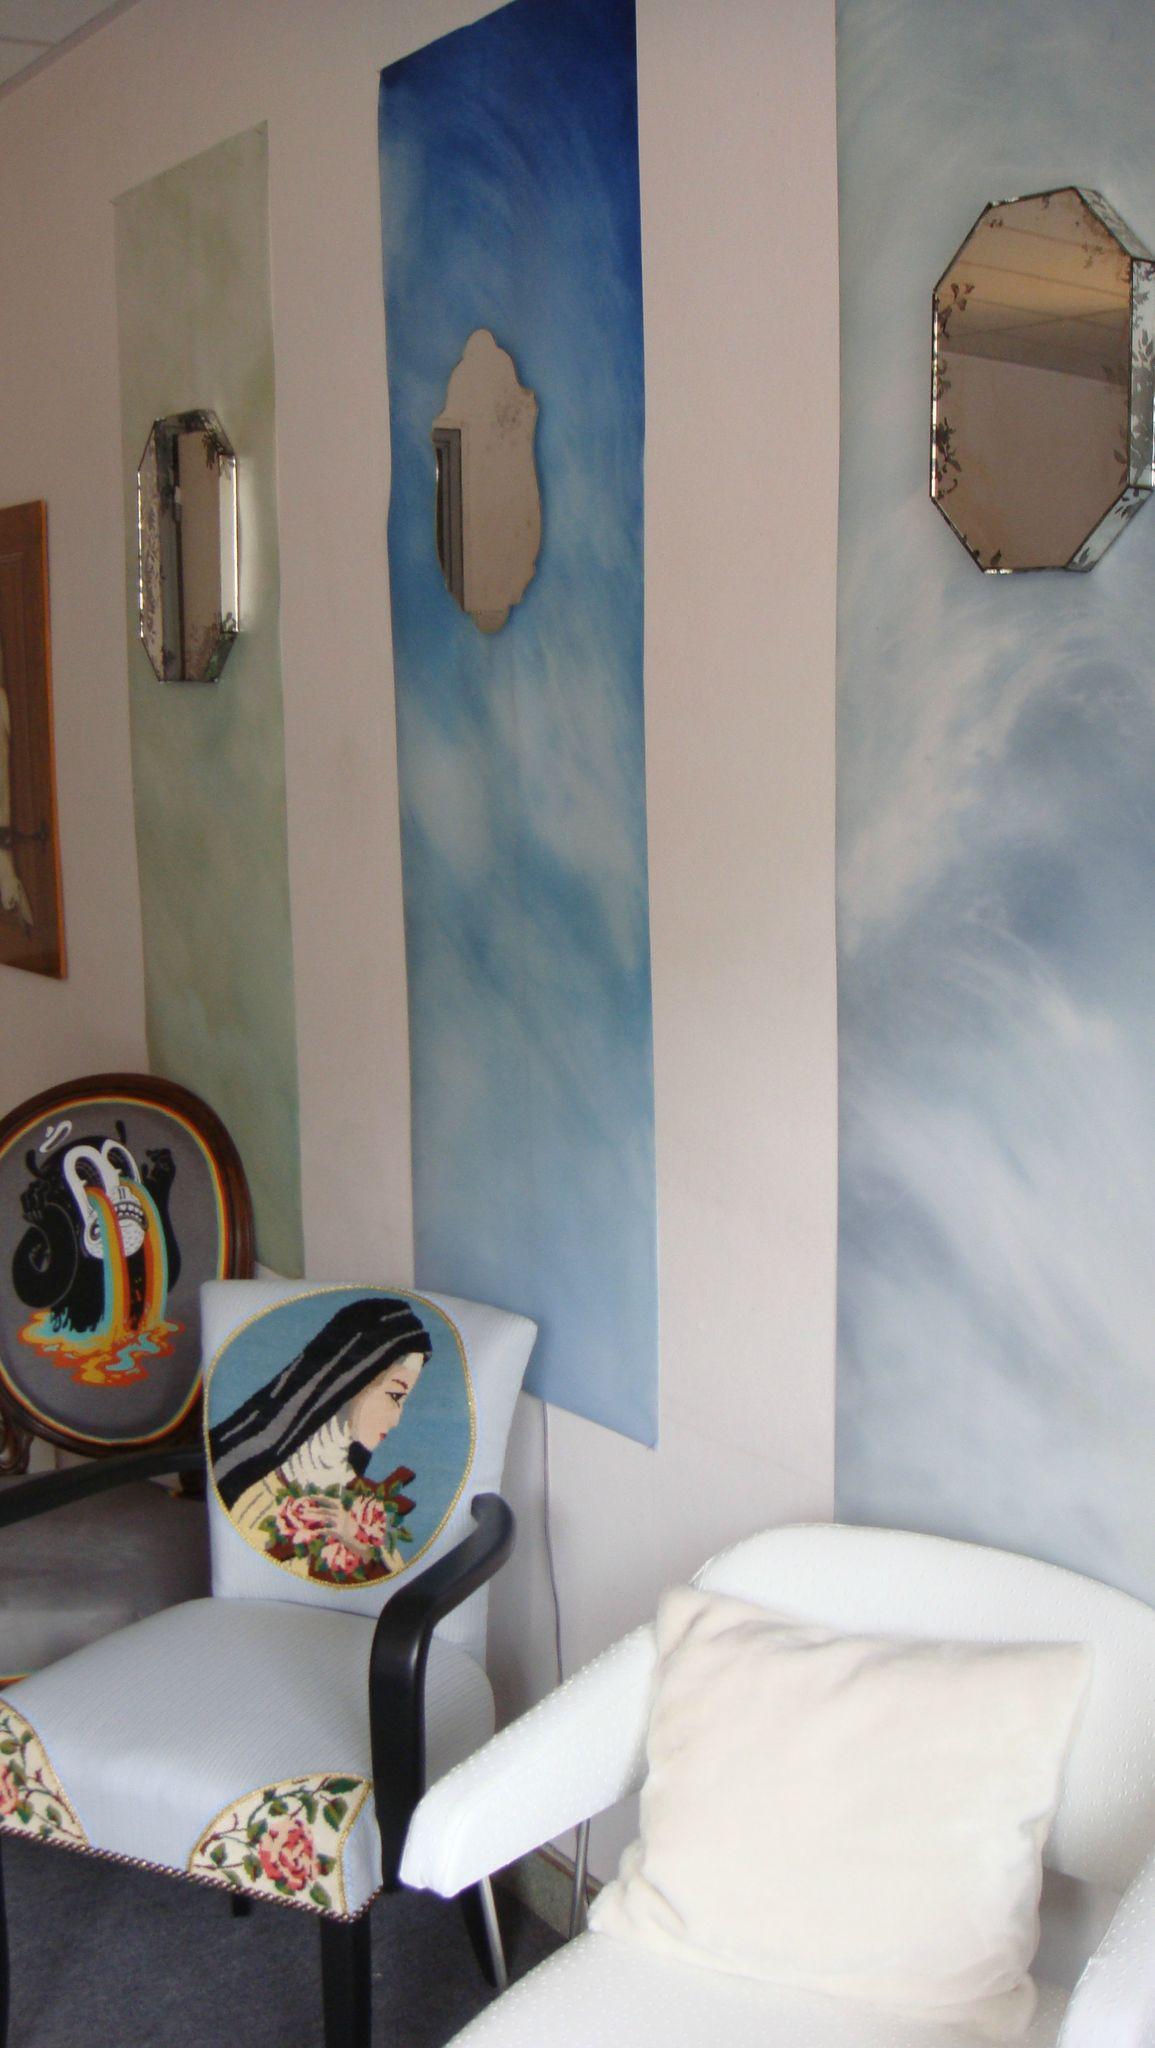 daisy et viloletta tapissier decorateur nantes page 1 daisy et viloletta tapissier. Black Bedroom Furniture Sets. Home Design Ideas